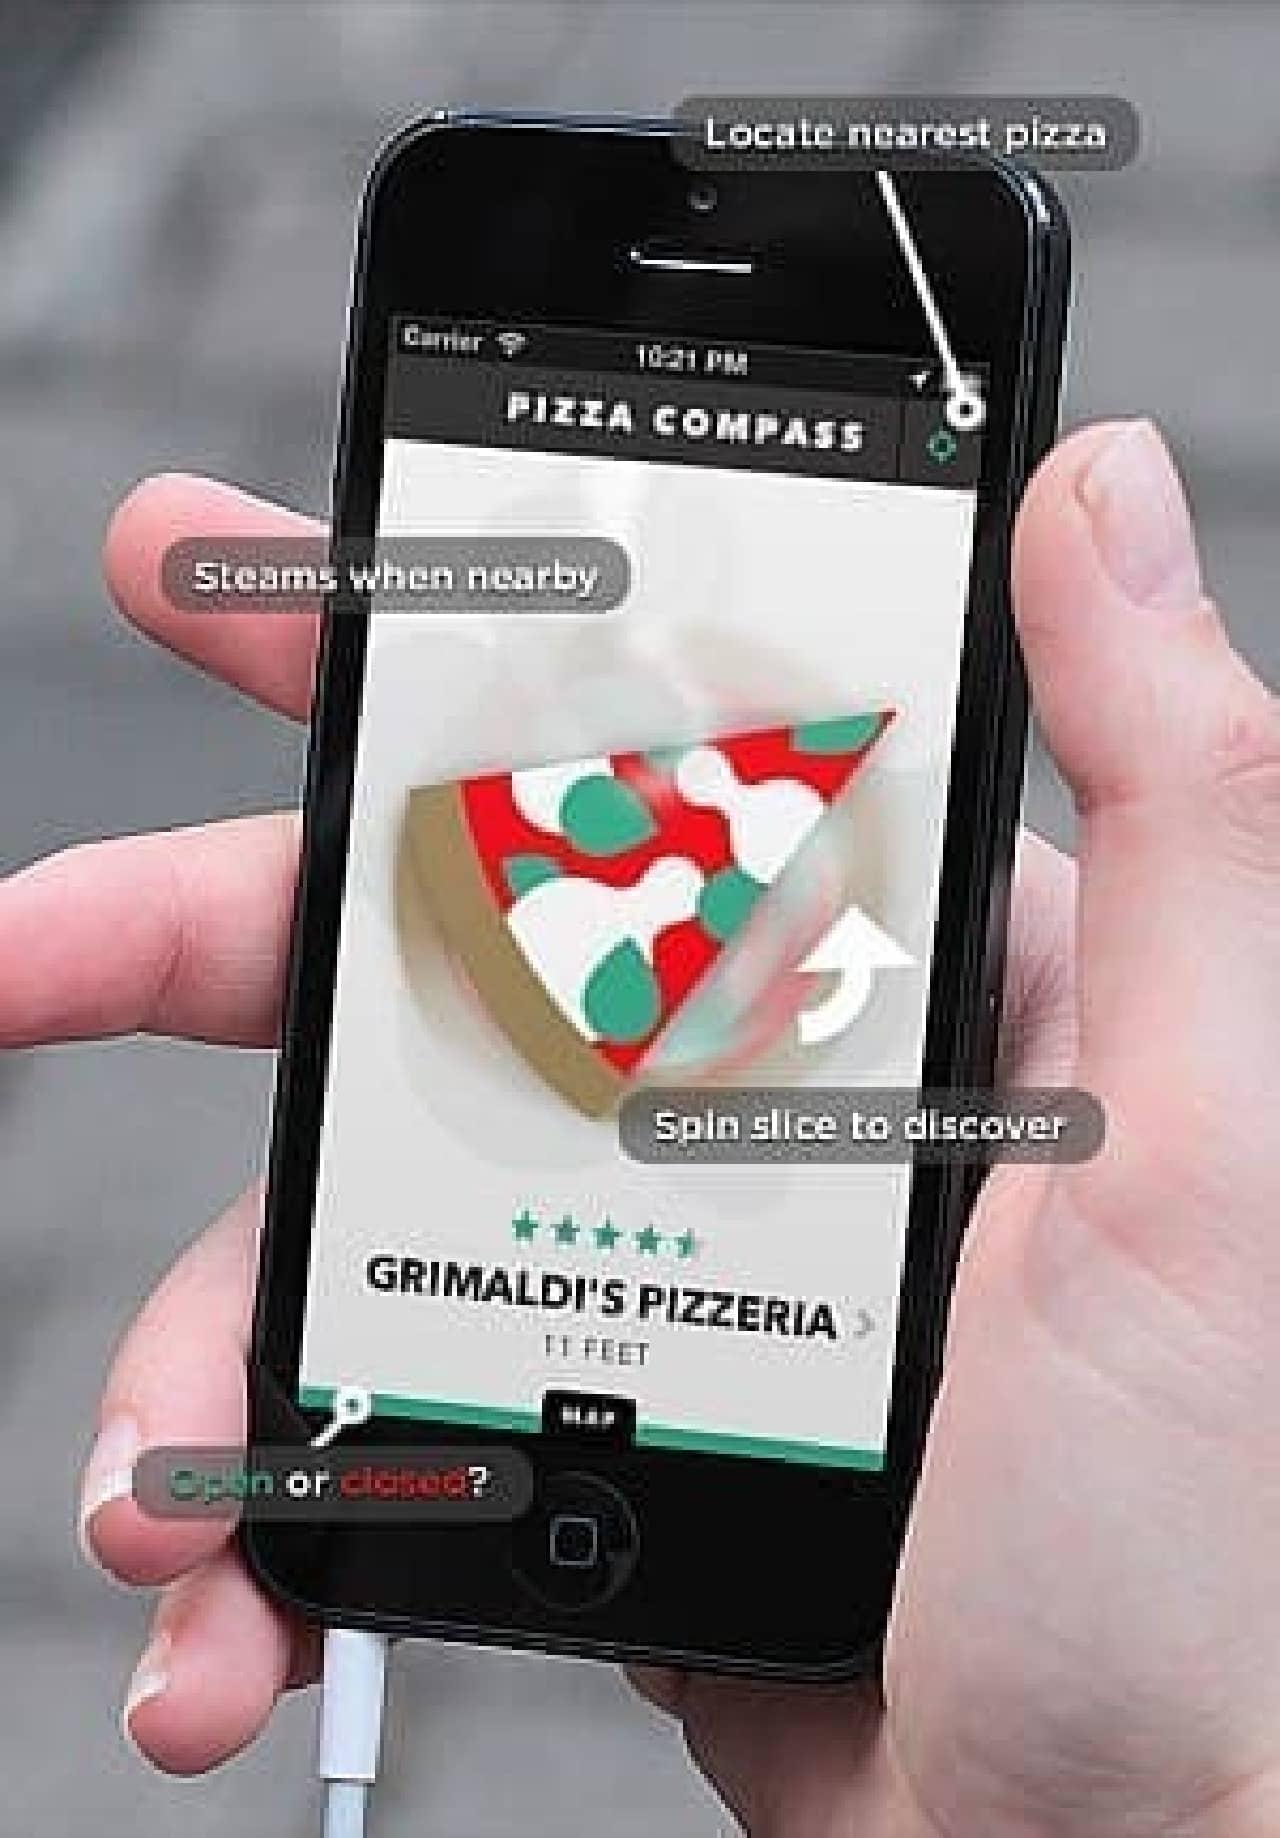 ピザ屋検索アプリ「Pizza Compass(ピザコンパス)」